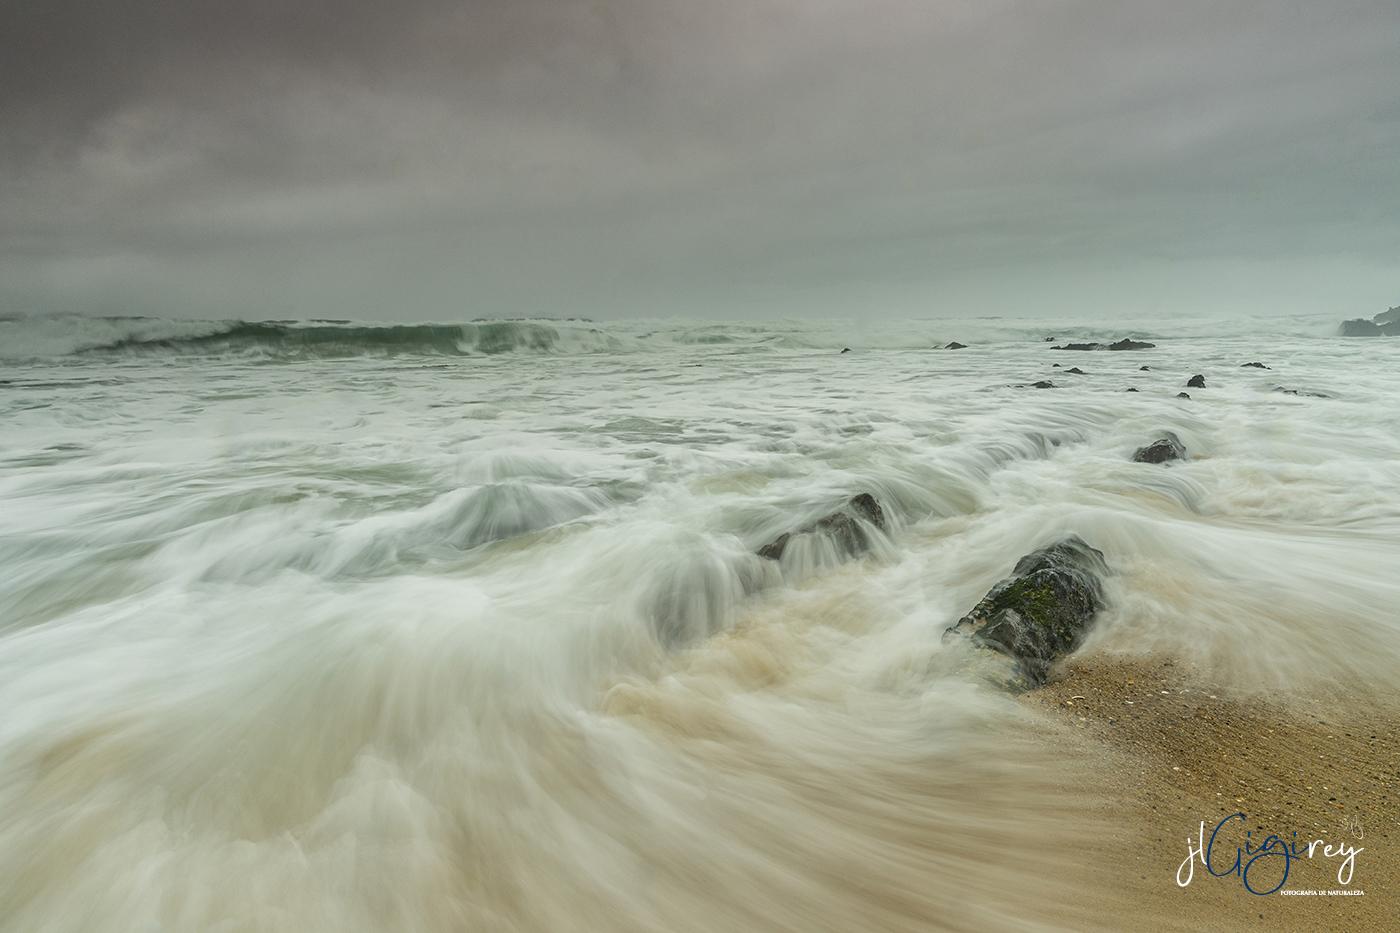 El hogar de las Sirenas - Fotografías de paisajes de mar y costa-El hogar de las sirenas-jlgigirey